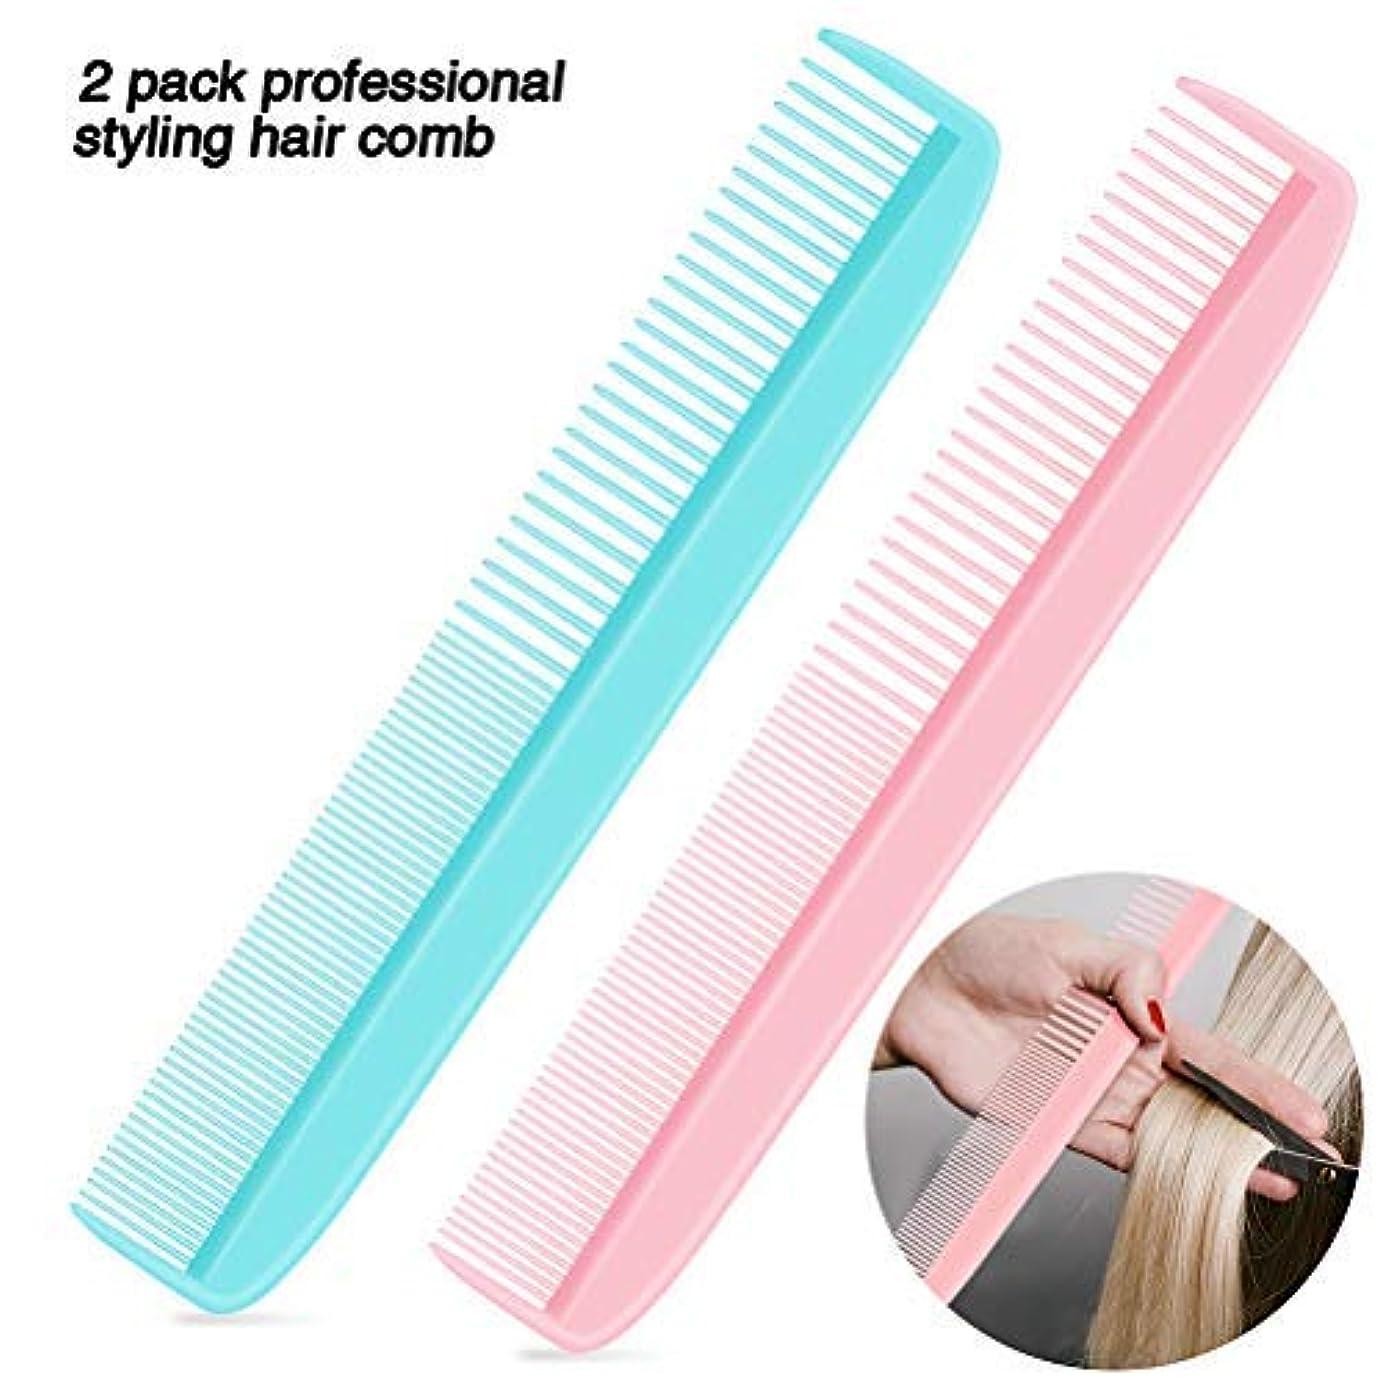 椅子休憩する忌み嫌う2 Pack Anti-static Professional Styling Comb Hairdresser Barber Comb - 7 Inch Coarse/Fine Tooth Rake Comb [並行輸入品]